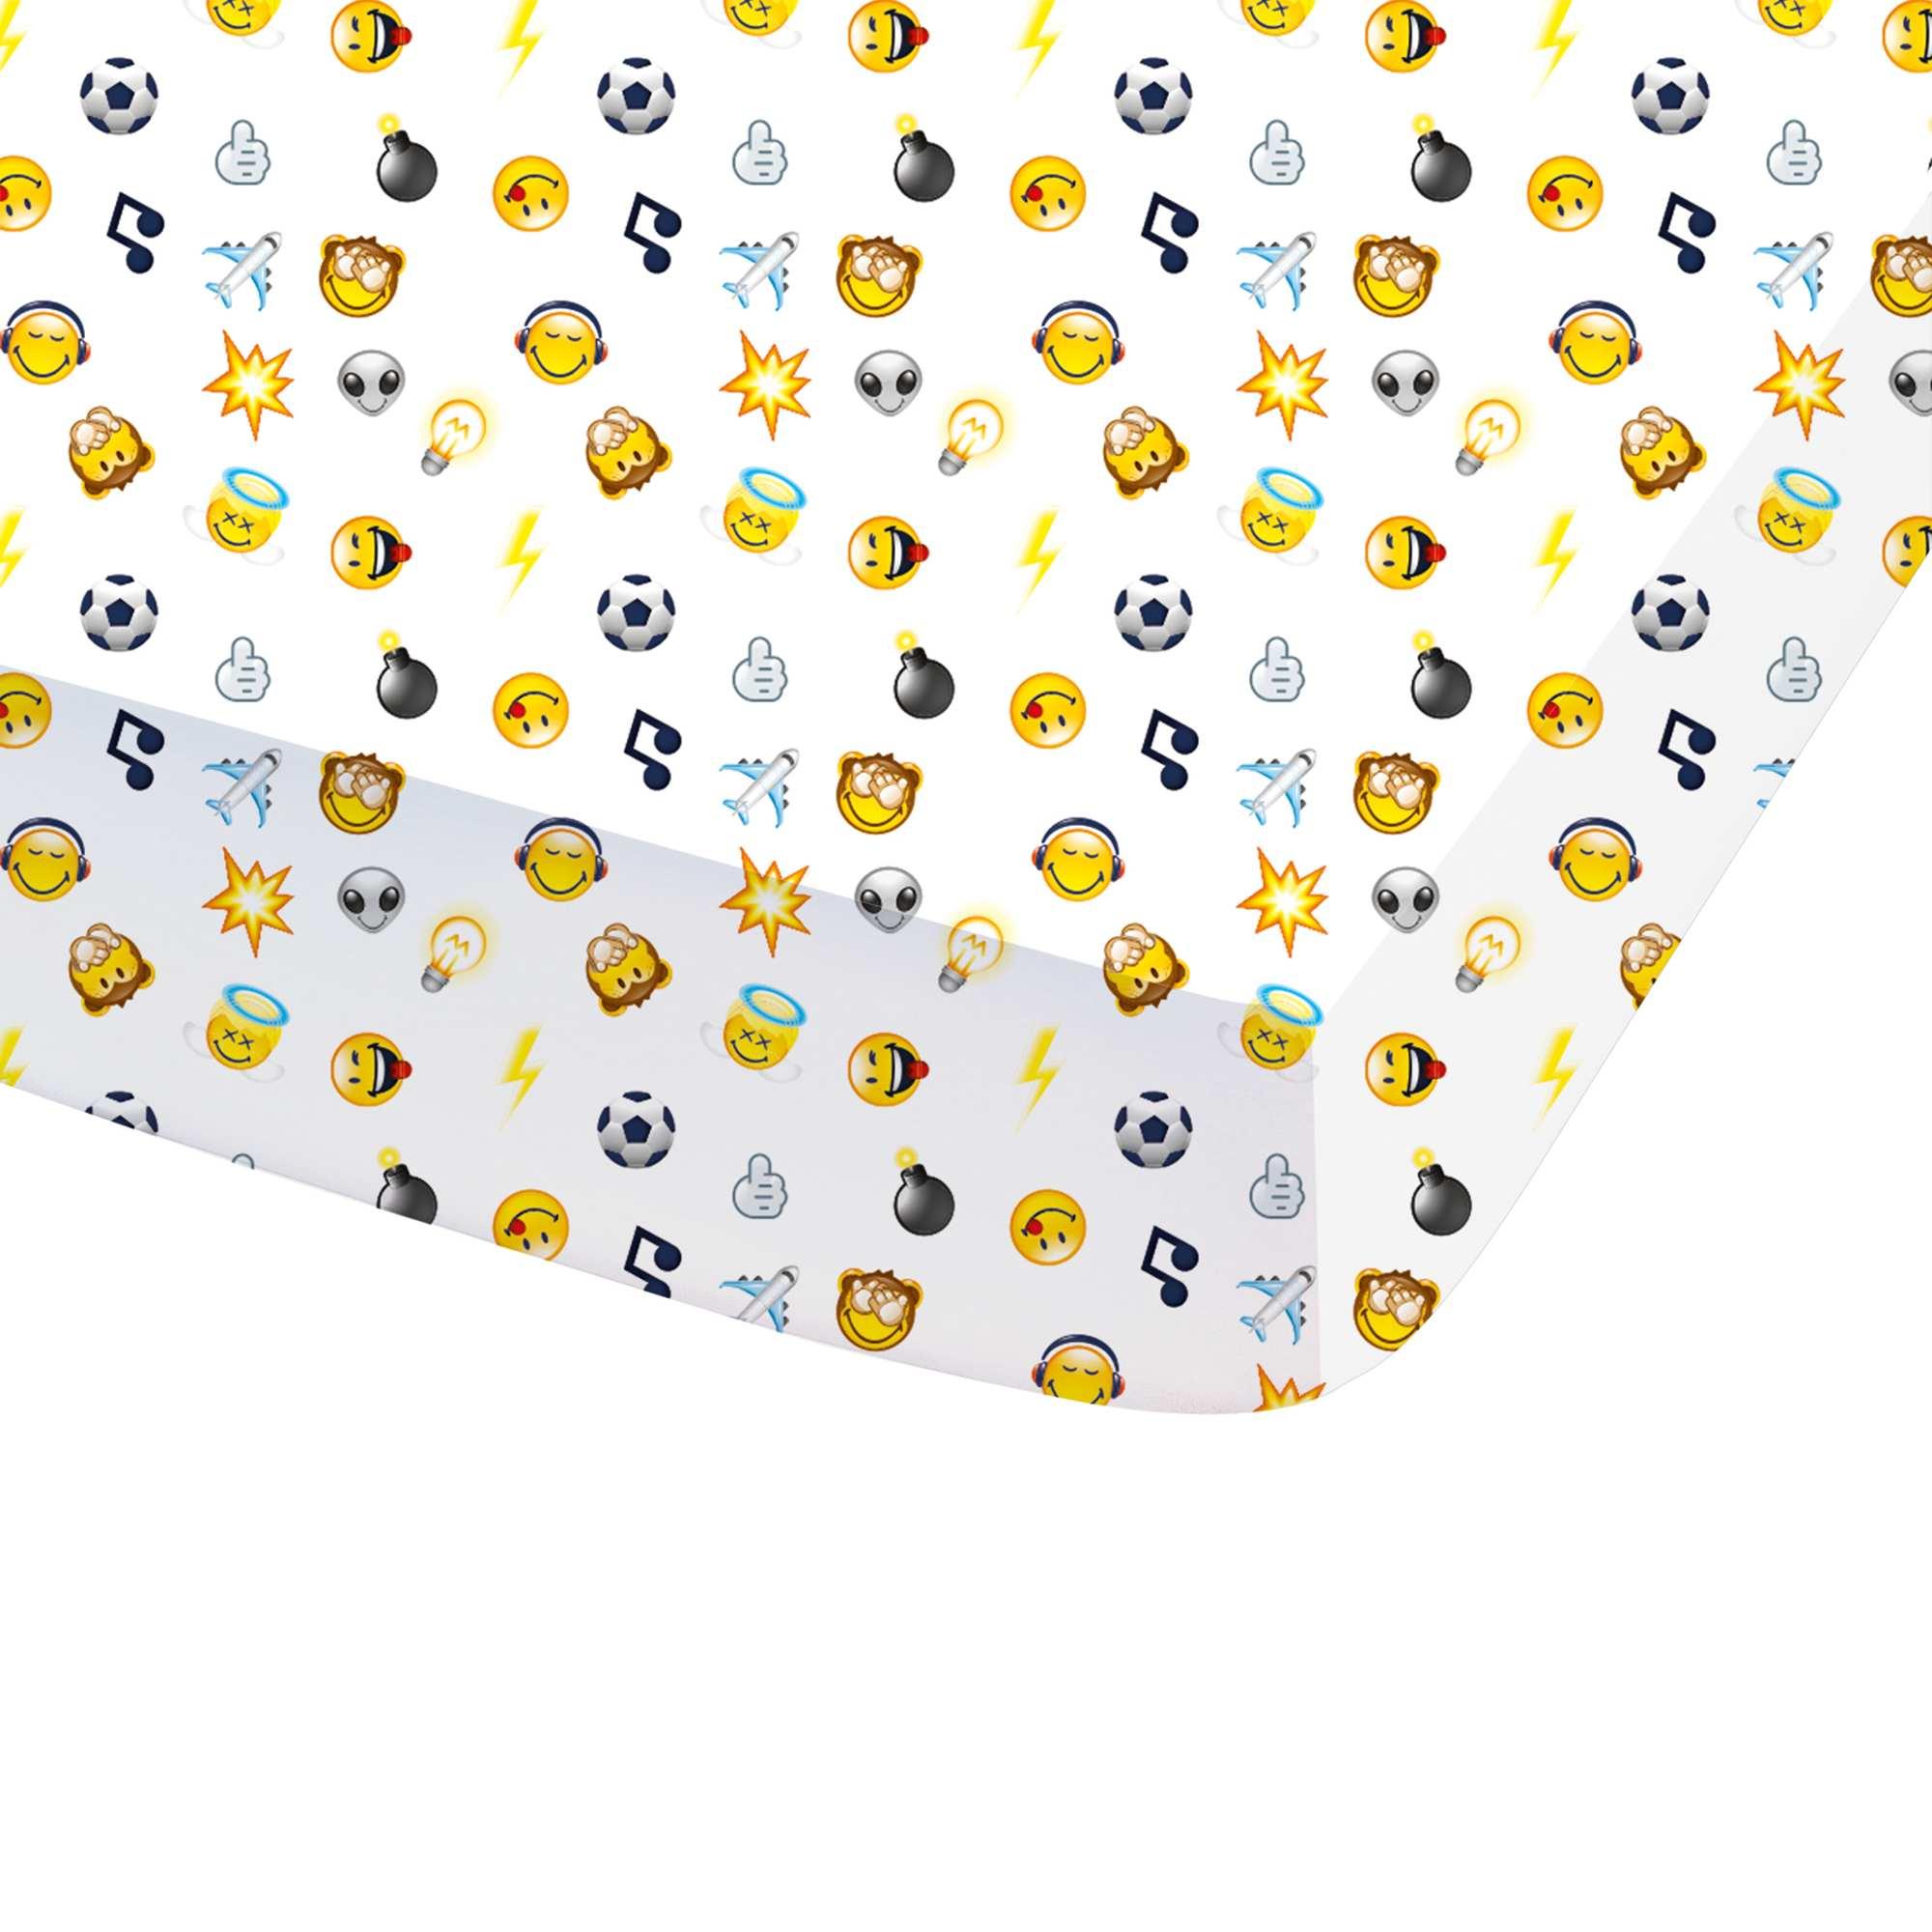 Couleur : blanc, , ,, - Taille : 90x190, , ,,Retrouve tes emojis préférés sur ce drap-housse trop stylé ! - Drap-housse en pur